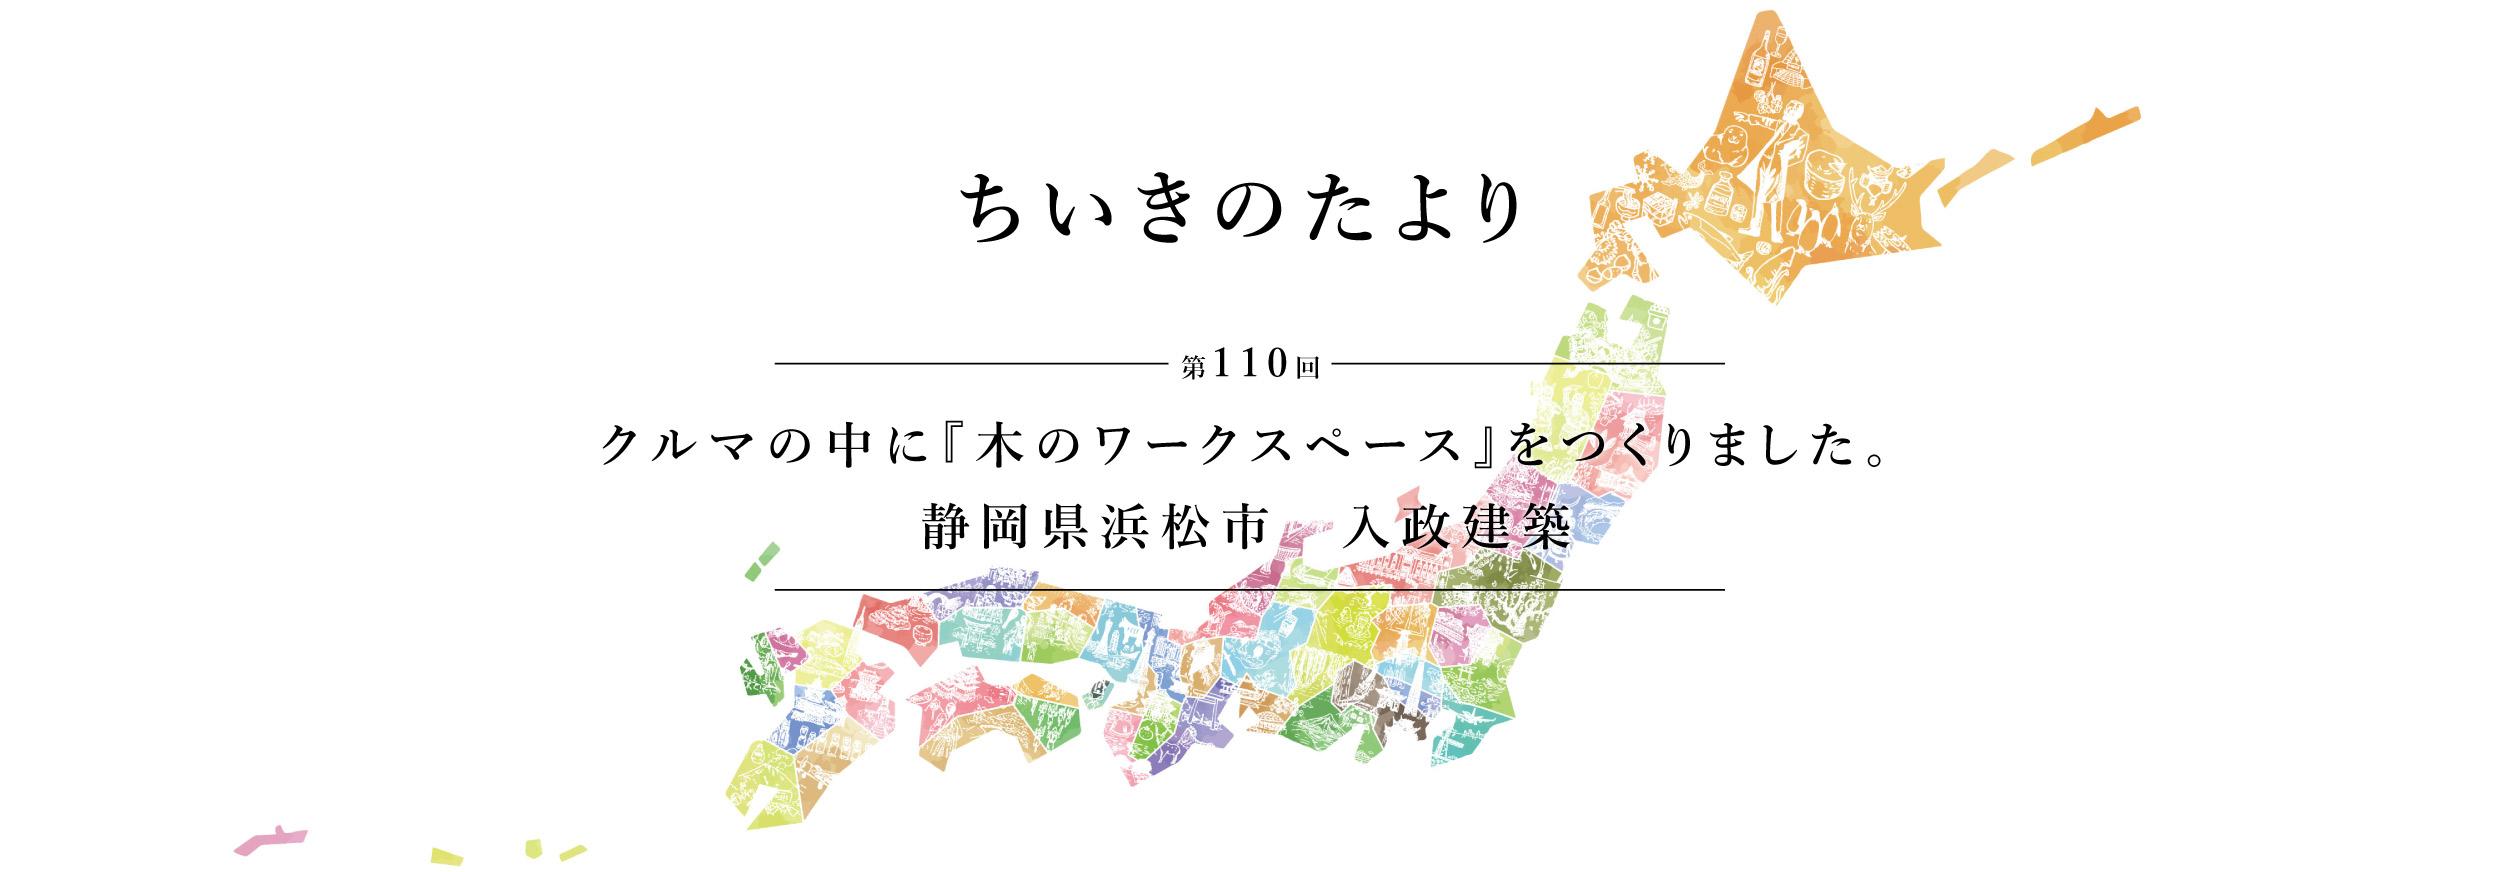 ちいきのたより第110回クルマの中に『木のワークスペース』をつくりました。静岡県浜松市入政建築